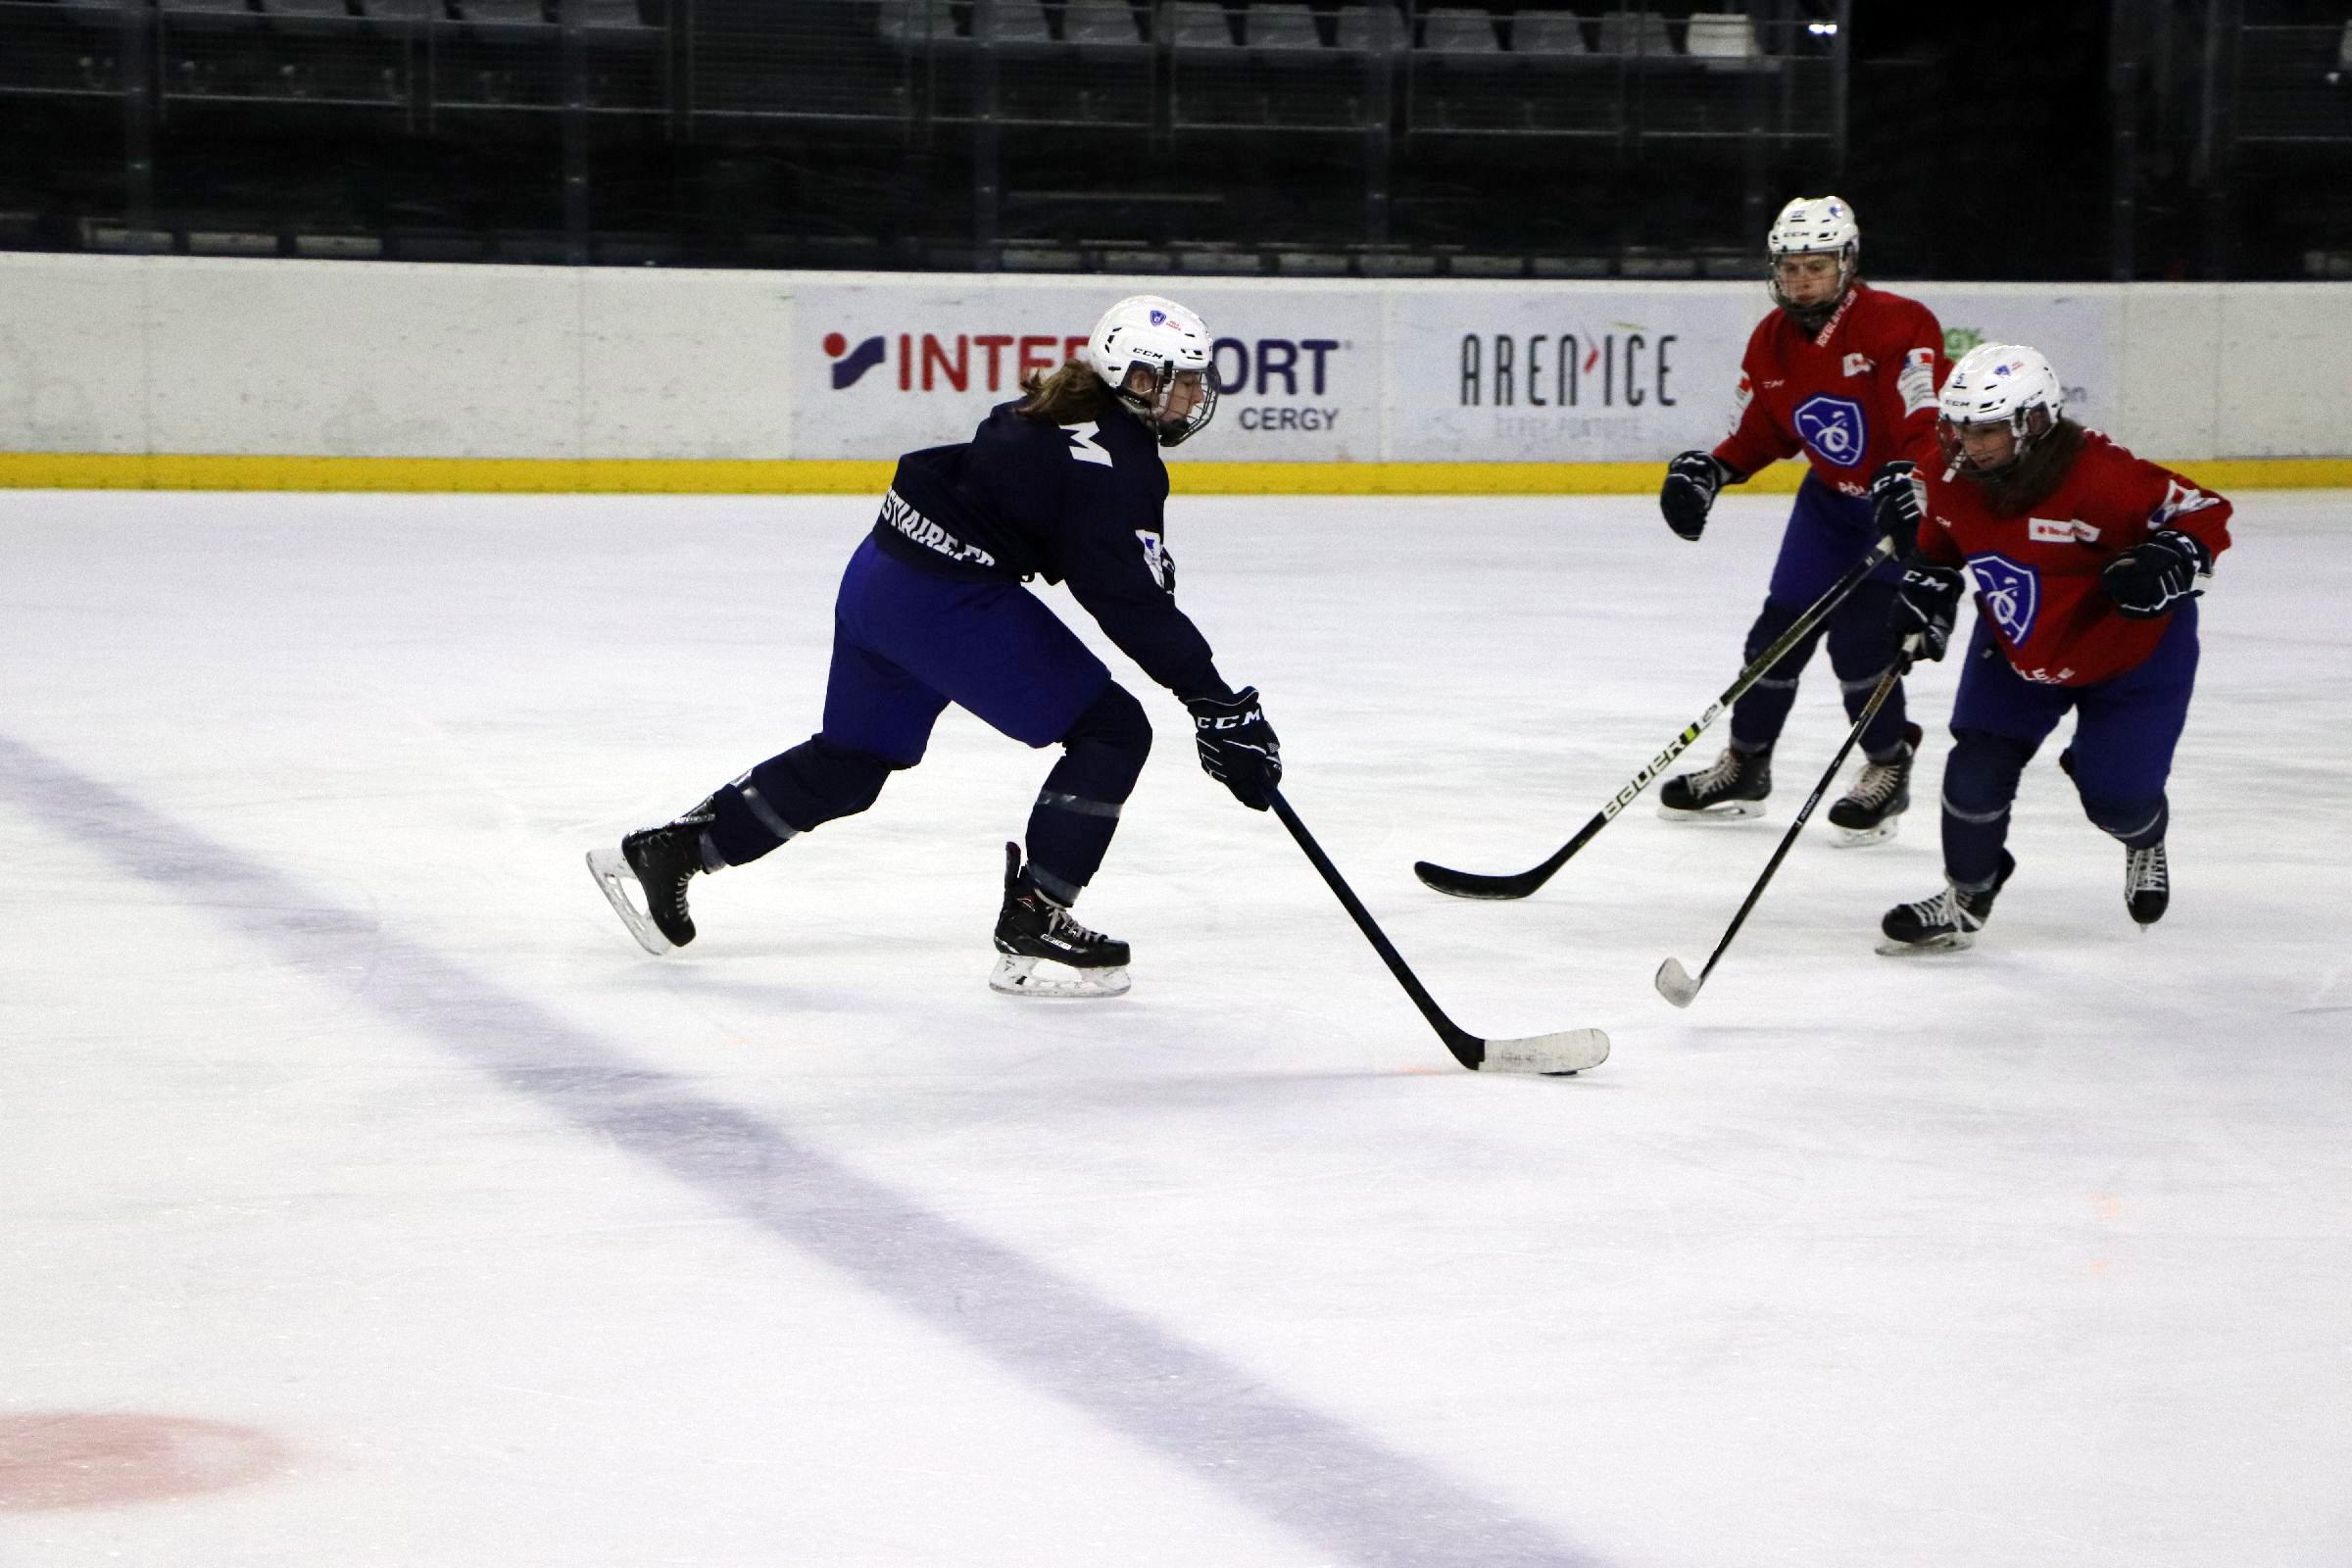 Anaé Simon en action lors d'un entrainement à l'Aren'Ice